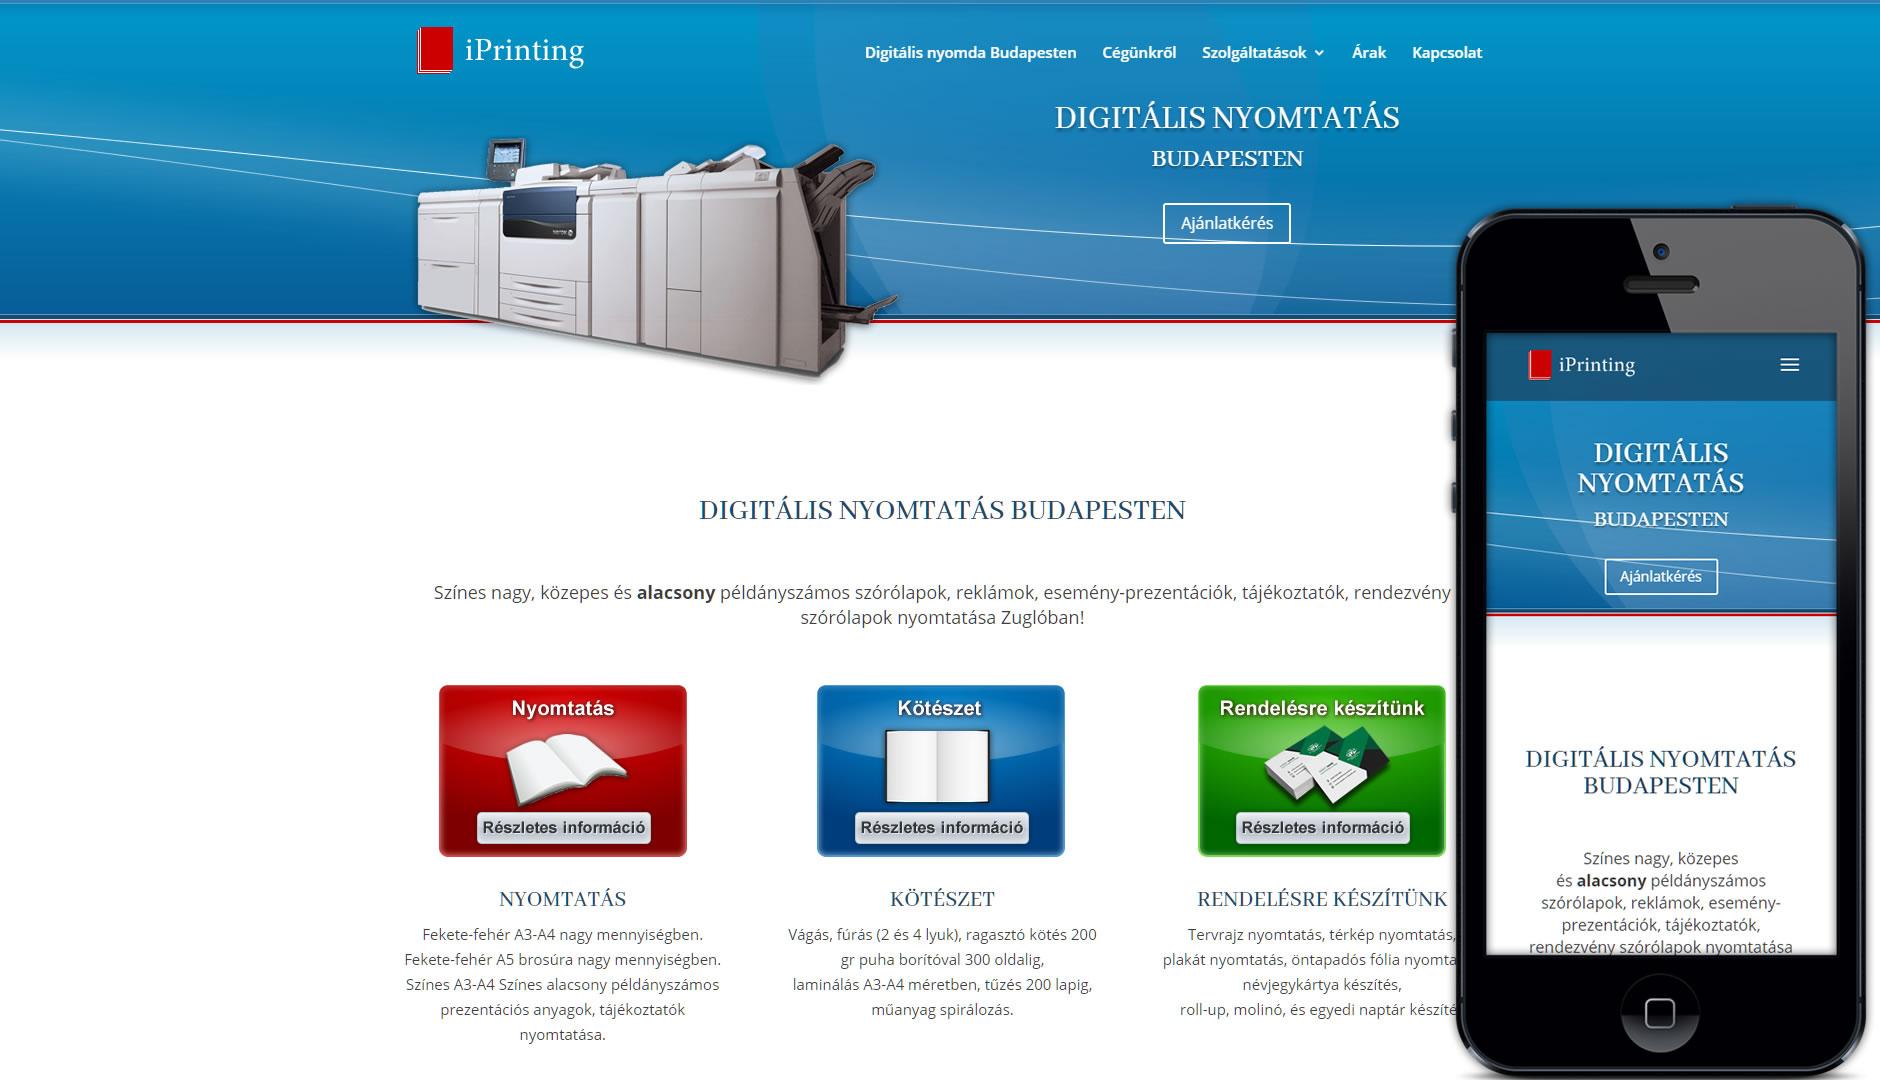 iPrinting keresőoptimalizálás digitális nyomda, zugló és Budapest szavakra